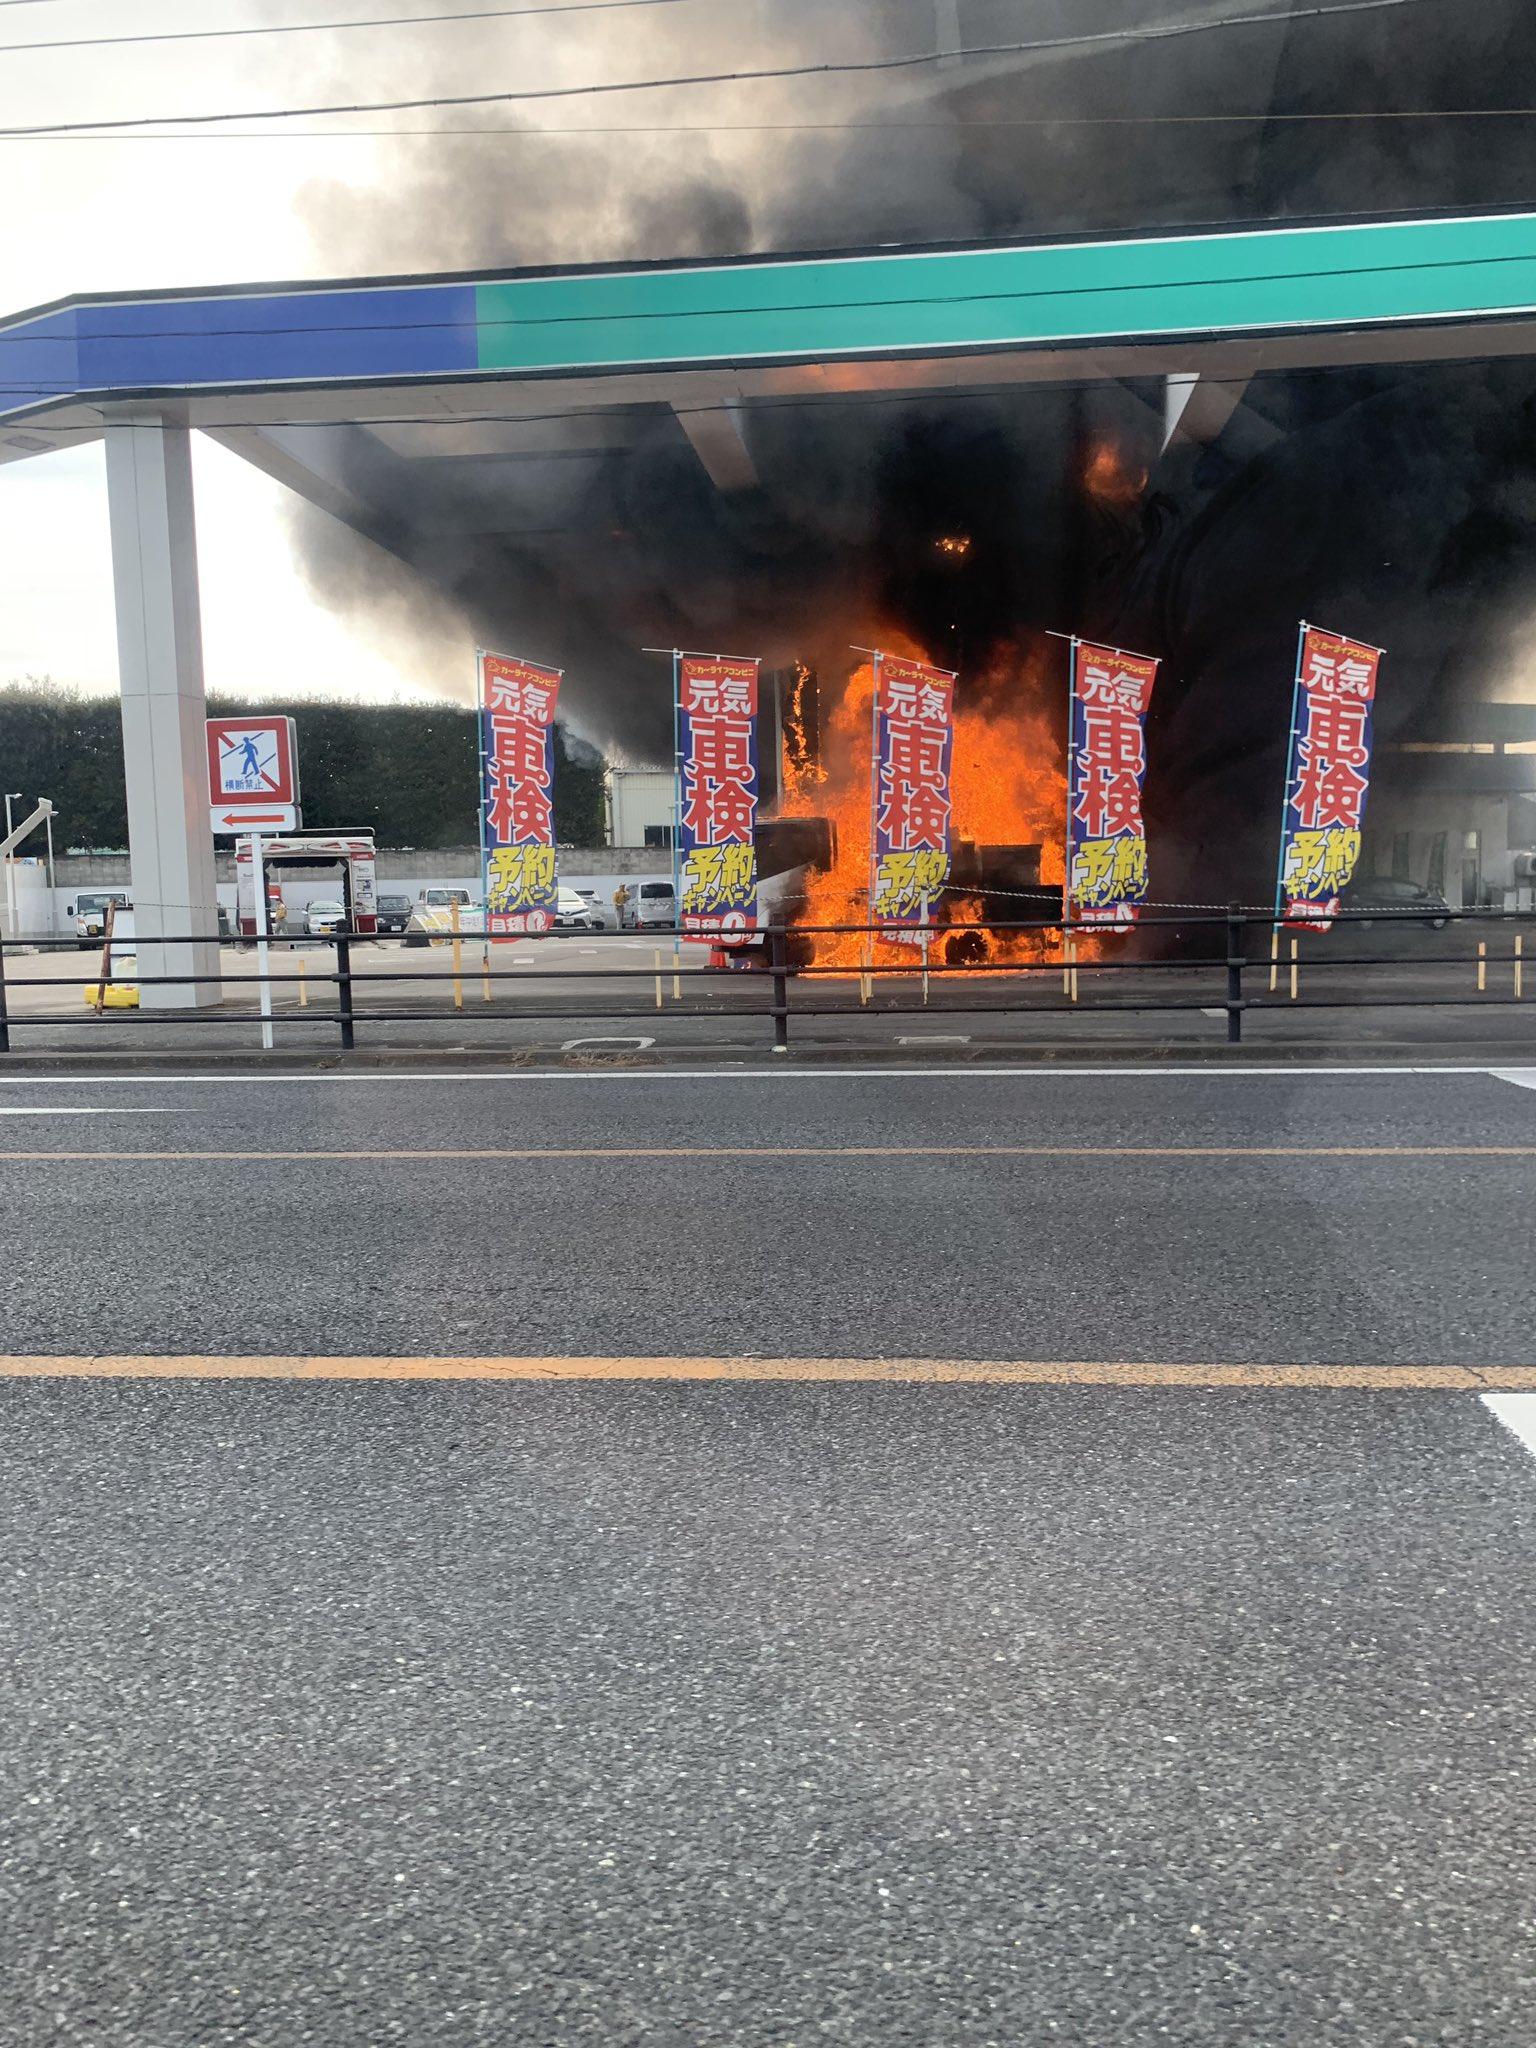 伊勢崎市今泉町のガソリンスタンドで車両火災が起きた現場の画像